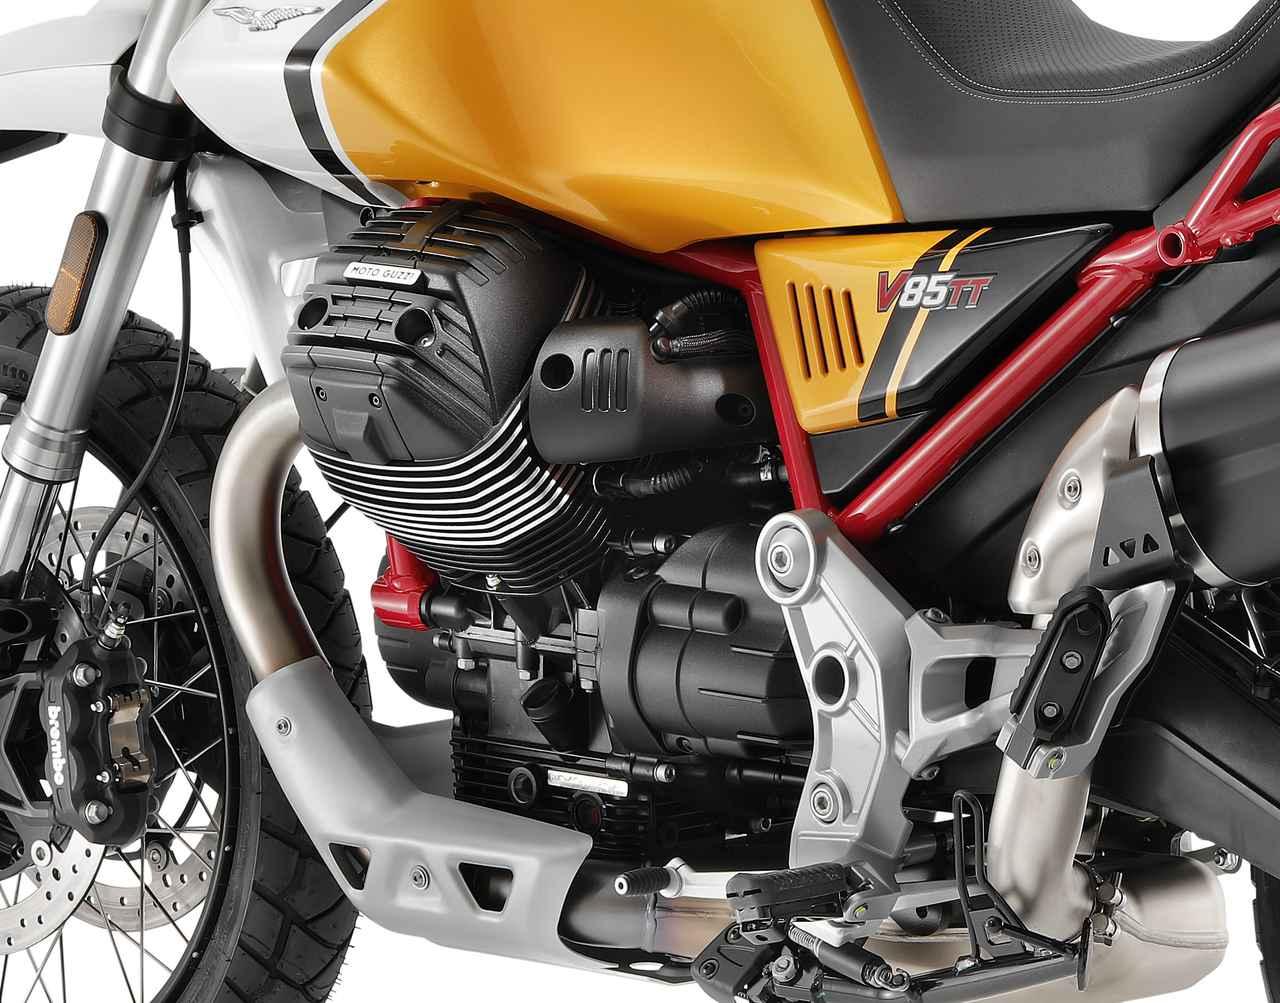 画像1: モト・グッツィ新型「V85 TT」シリーズの特徴